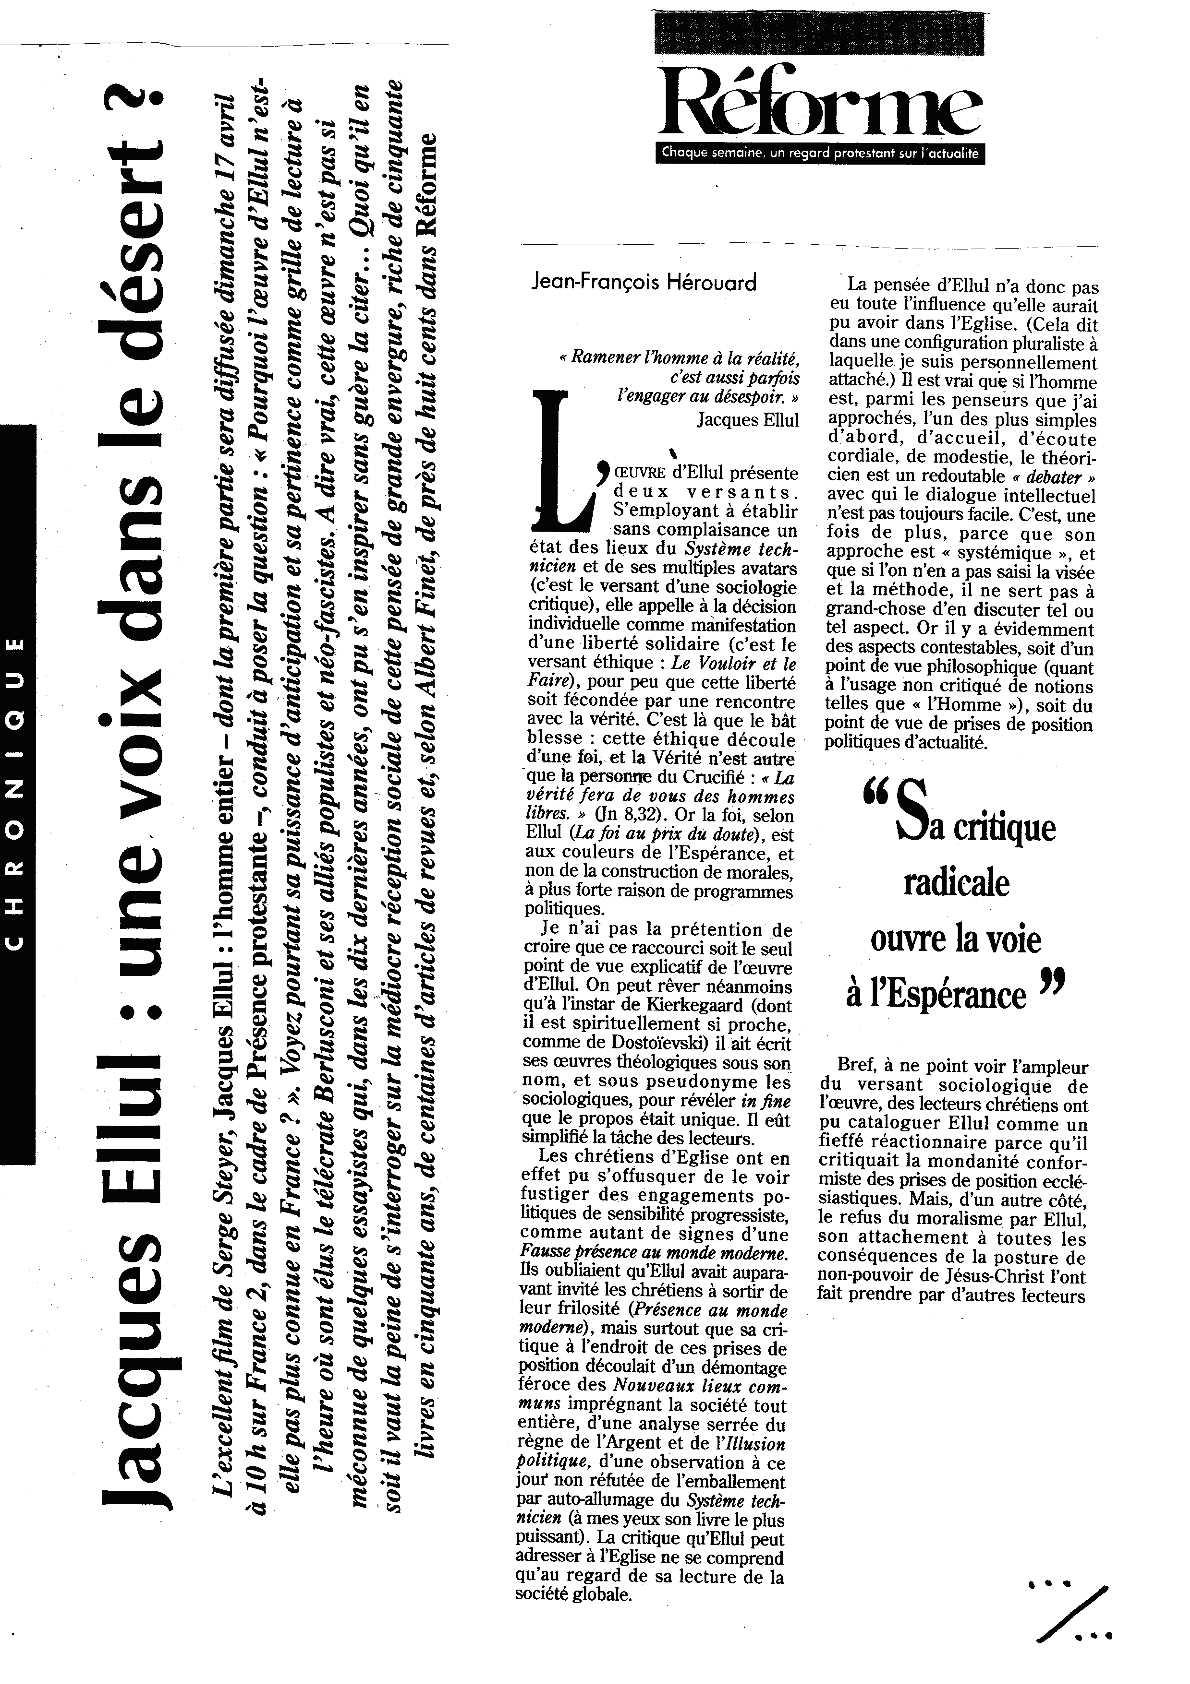 reforme(1)-revue de presse jacques ellul